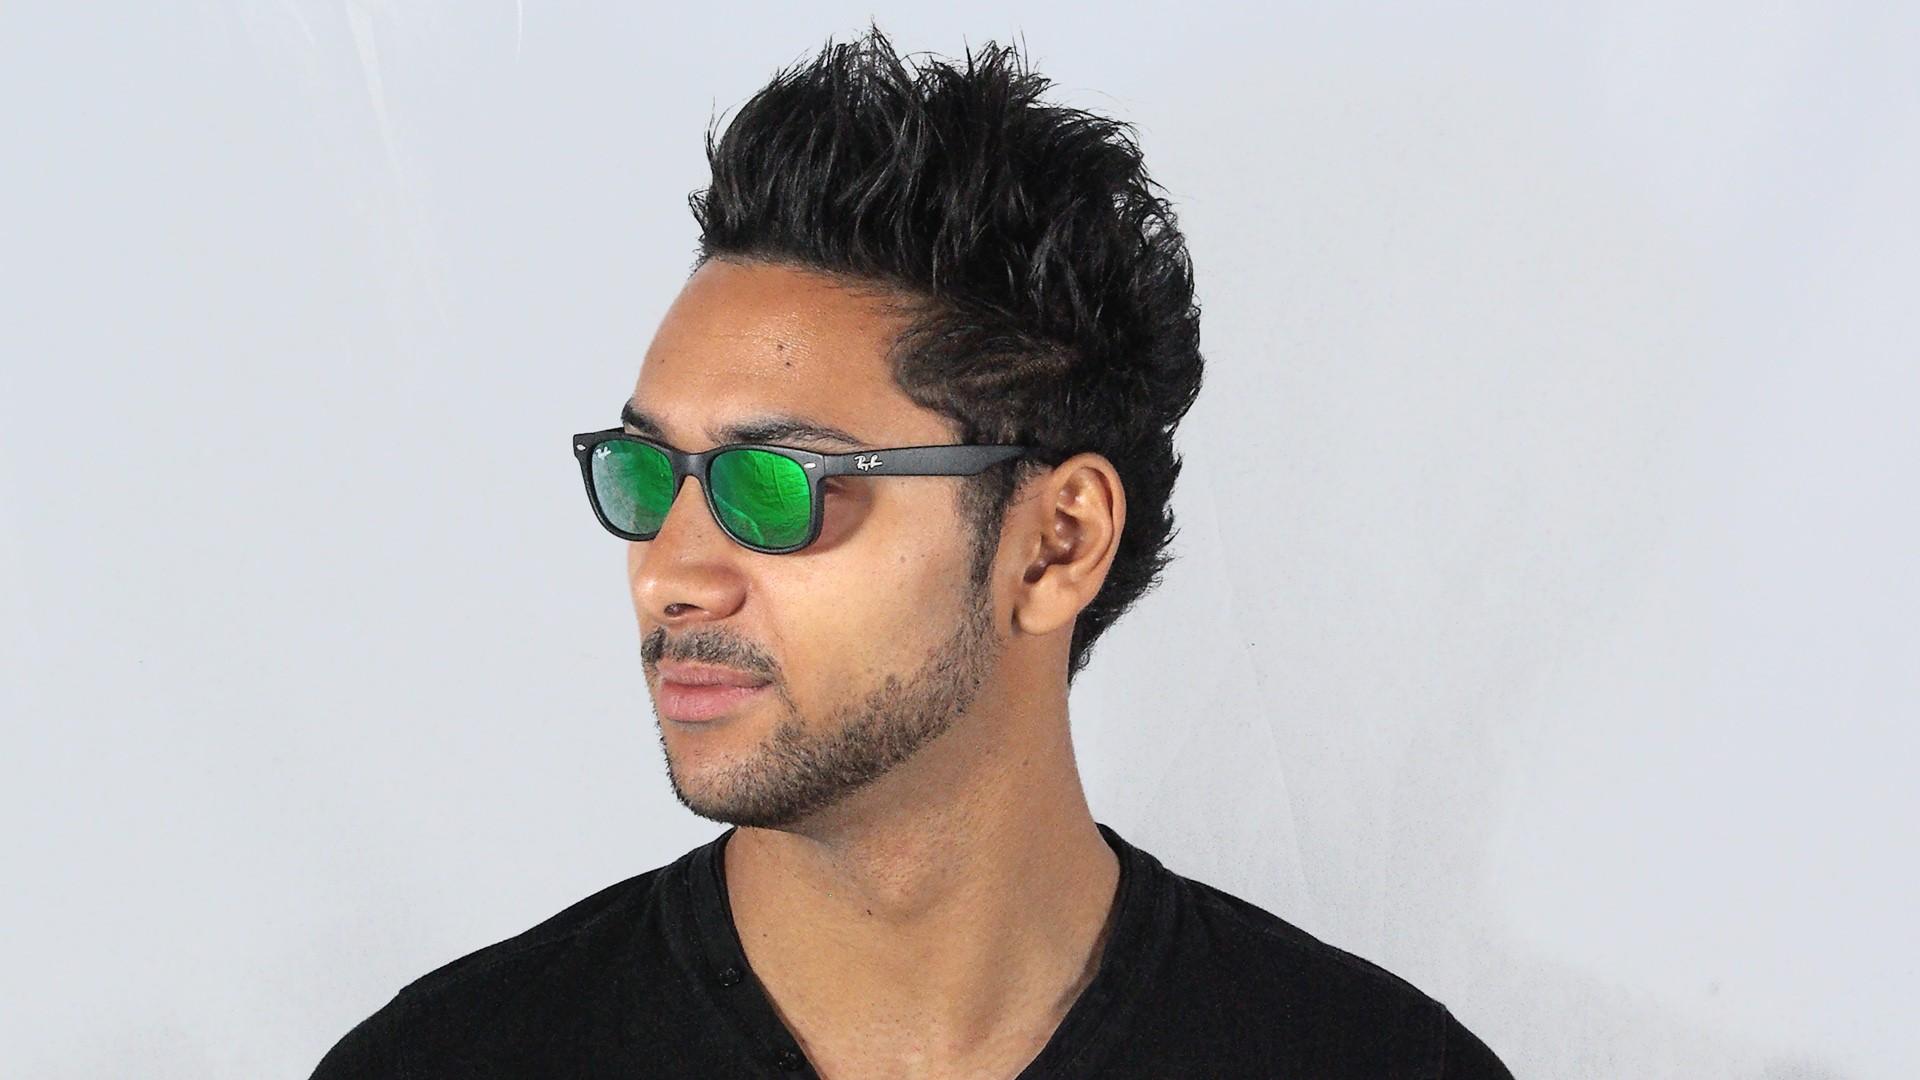 Овальные солнечные очки фото